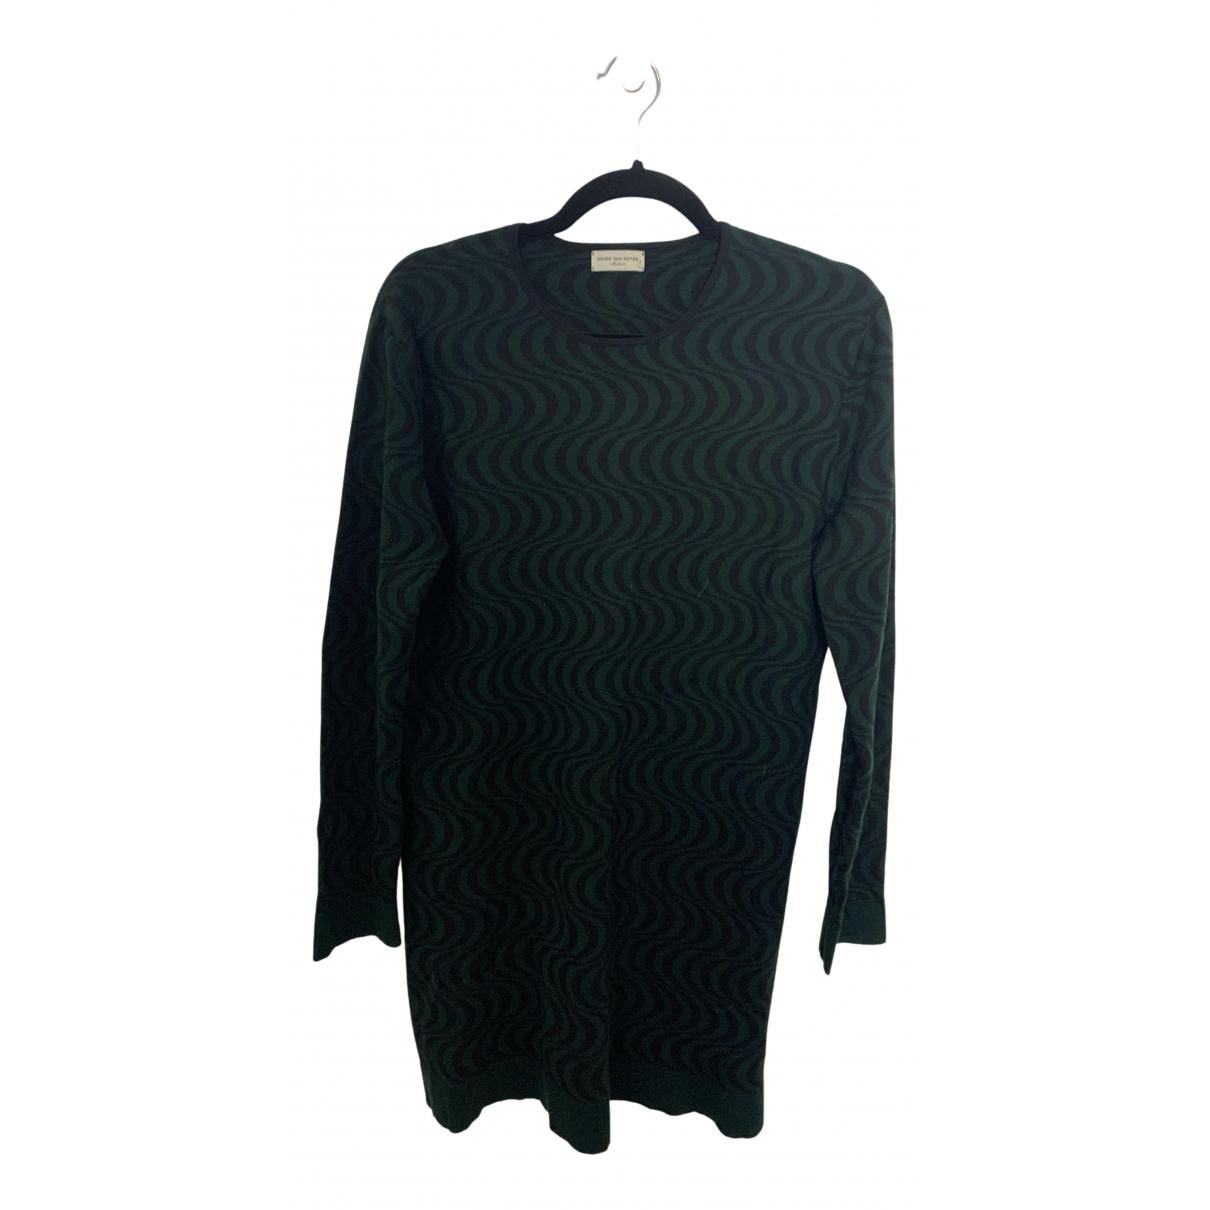 Dries Van Noten \N Kleid in  Gruen Wolle